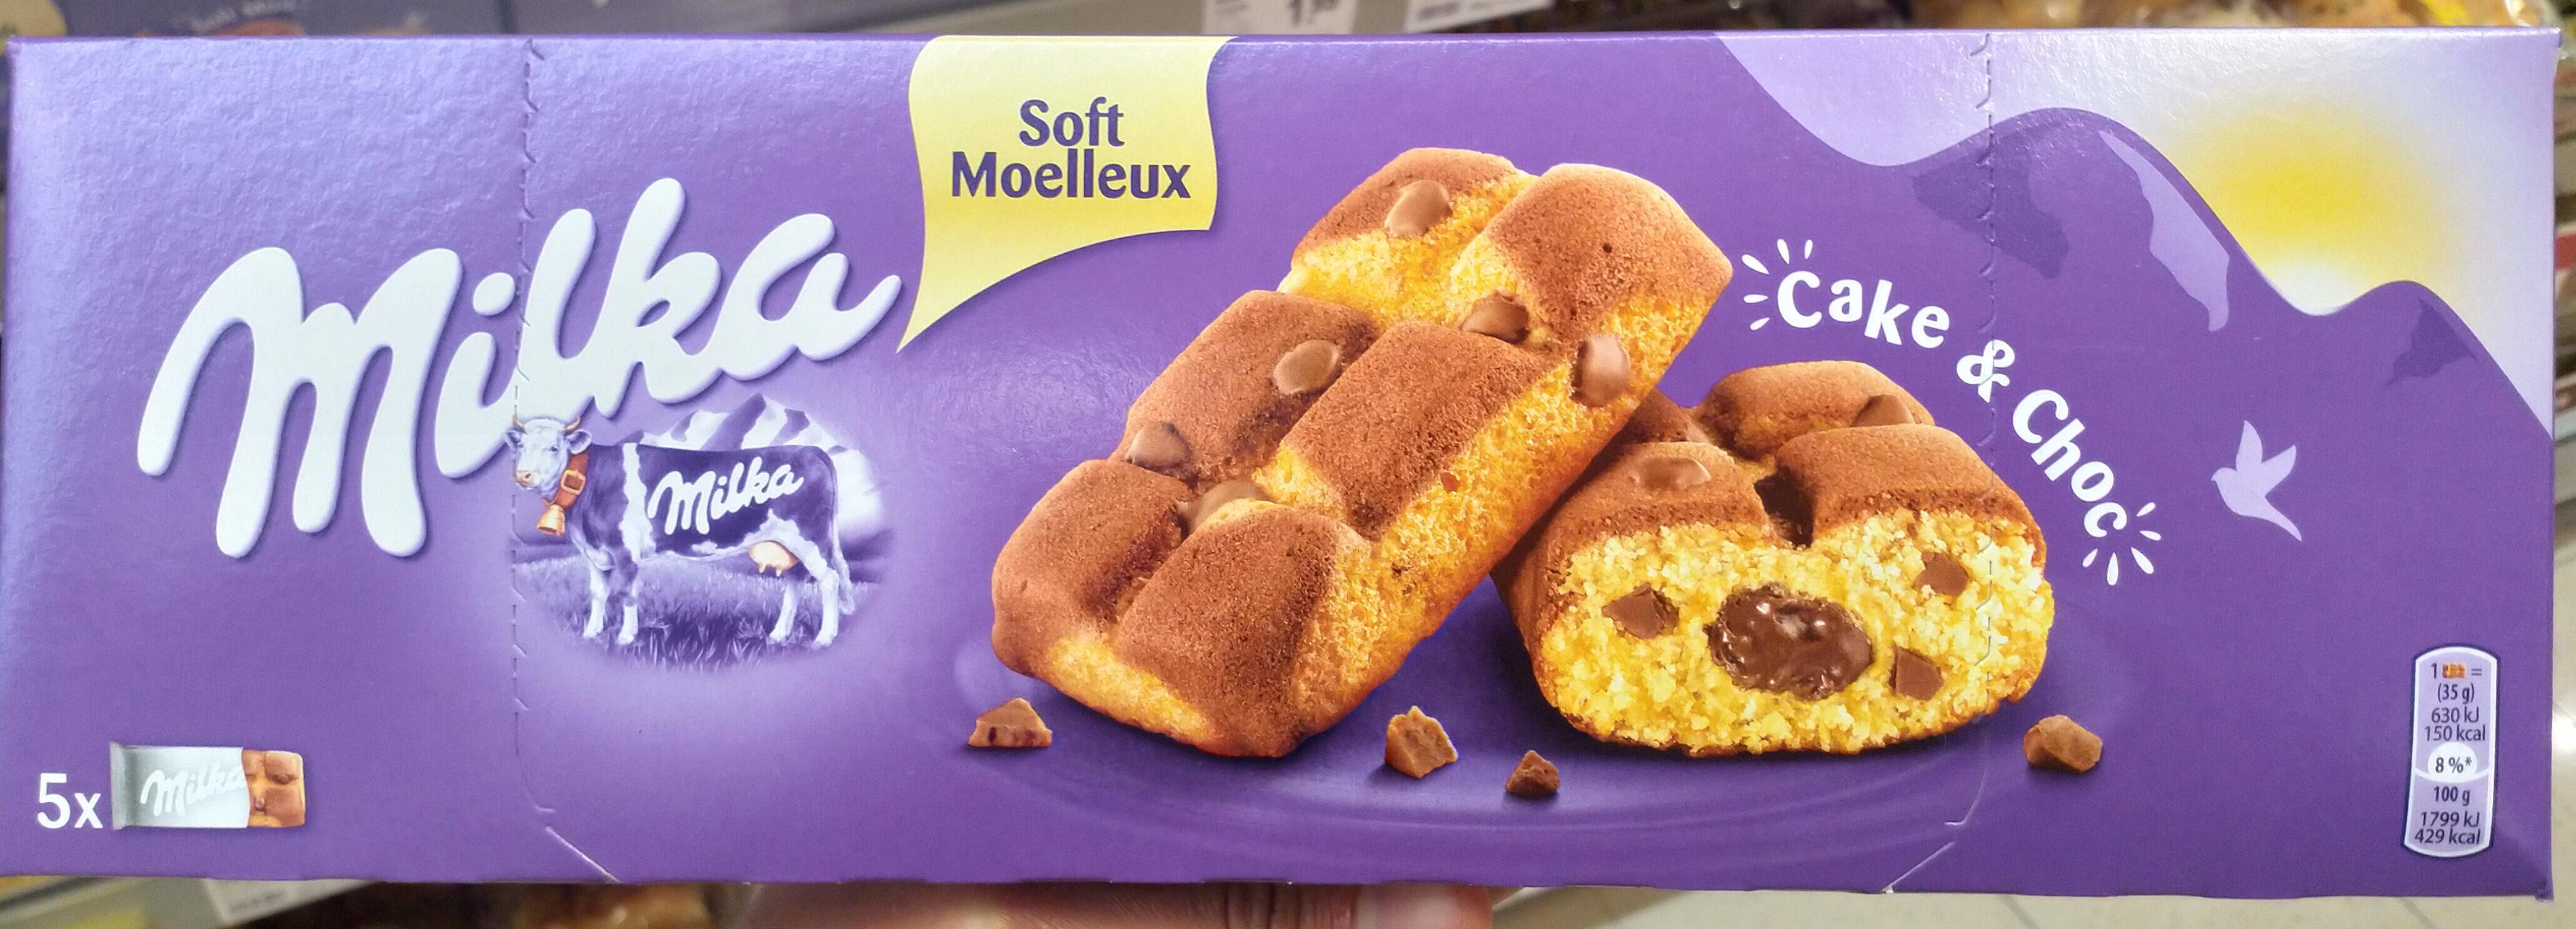 Cake & Choc - Product - fr